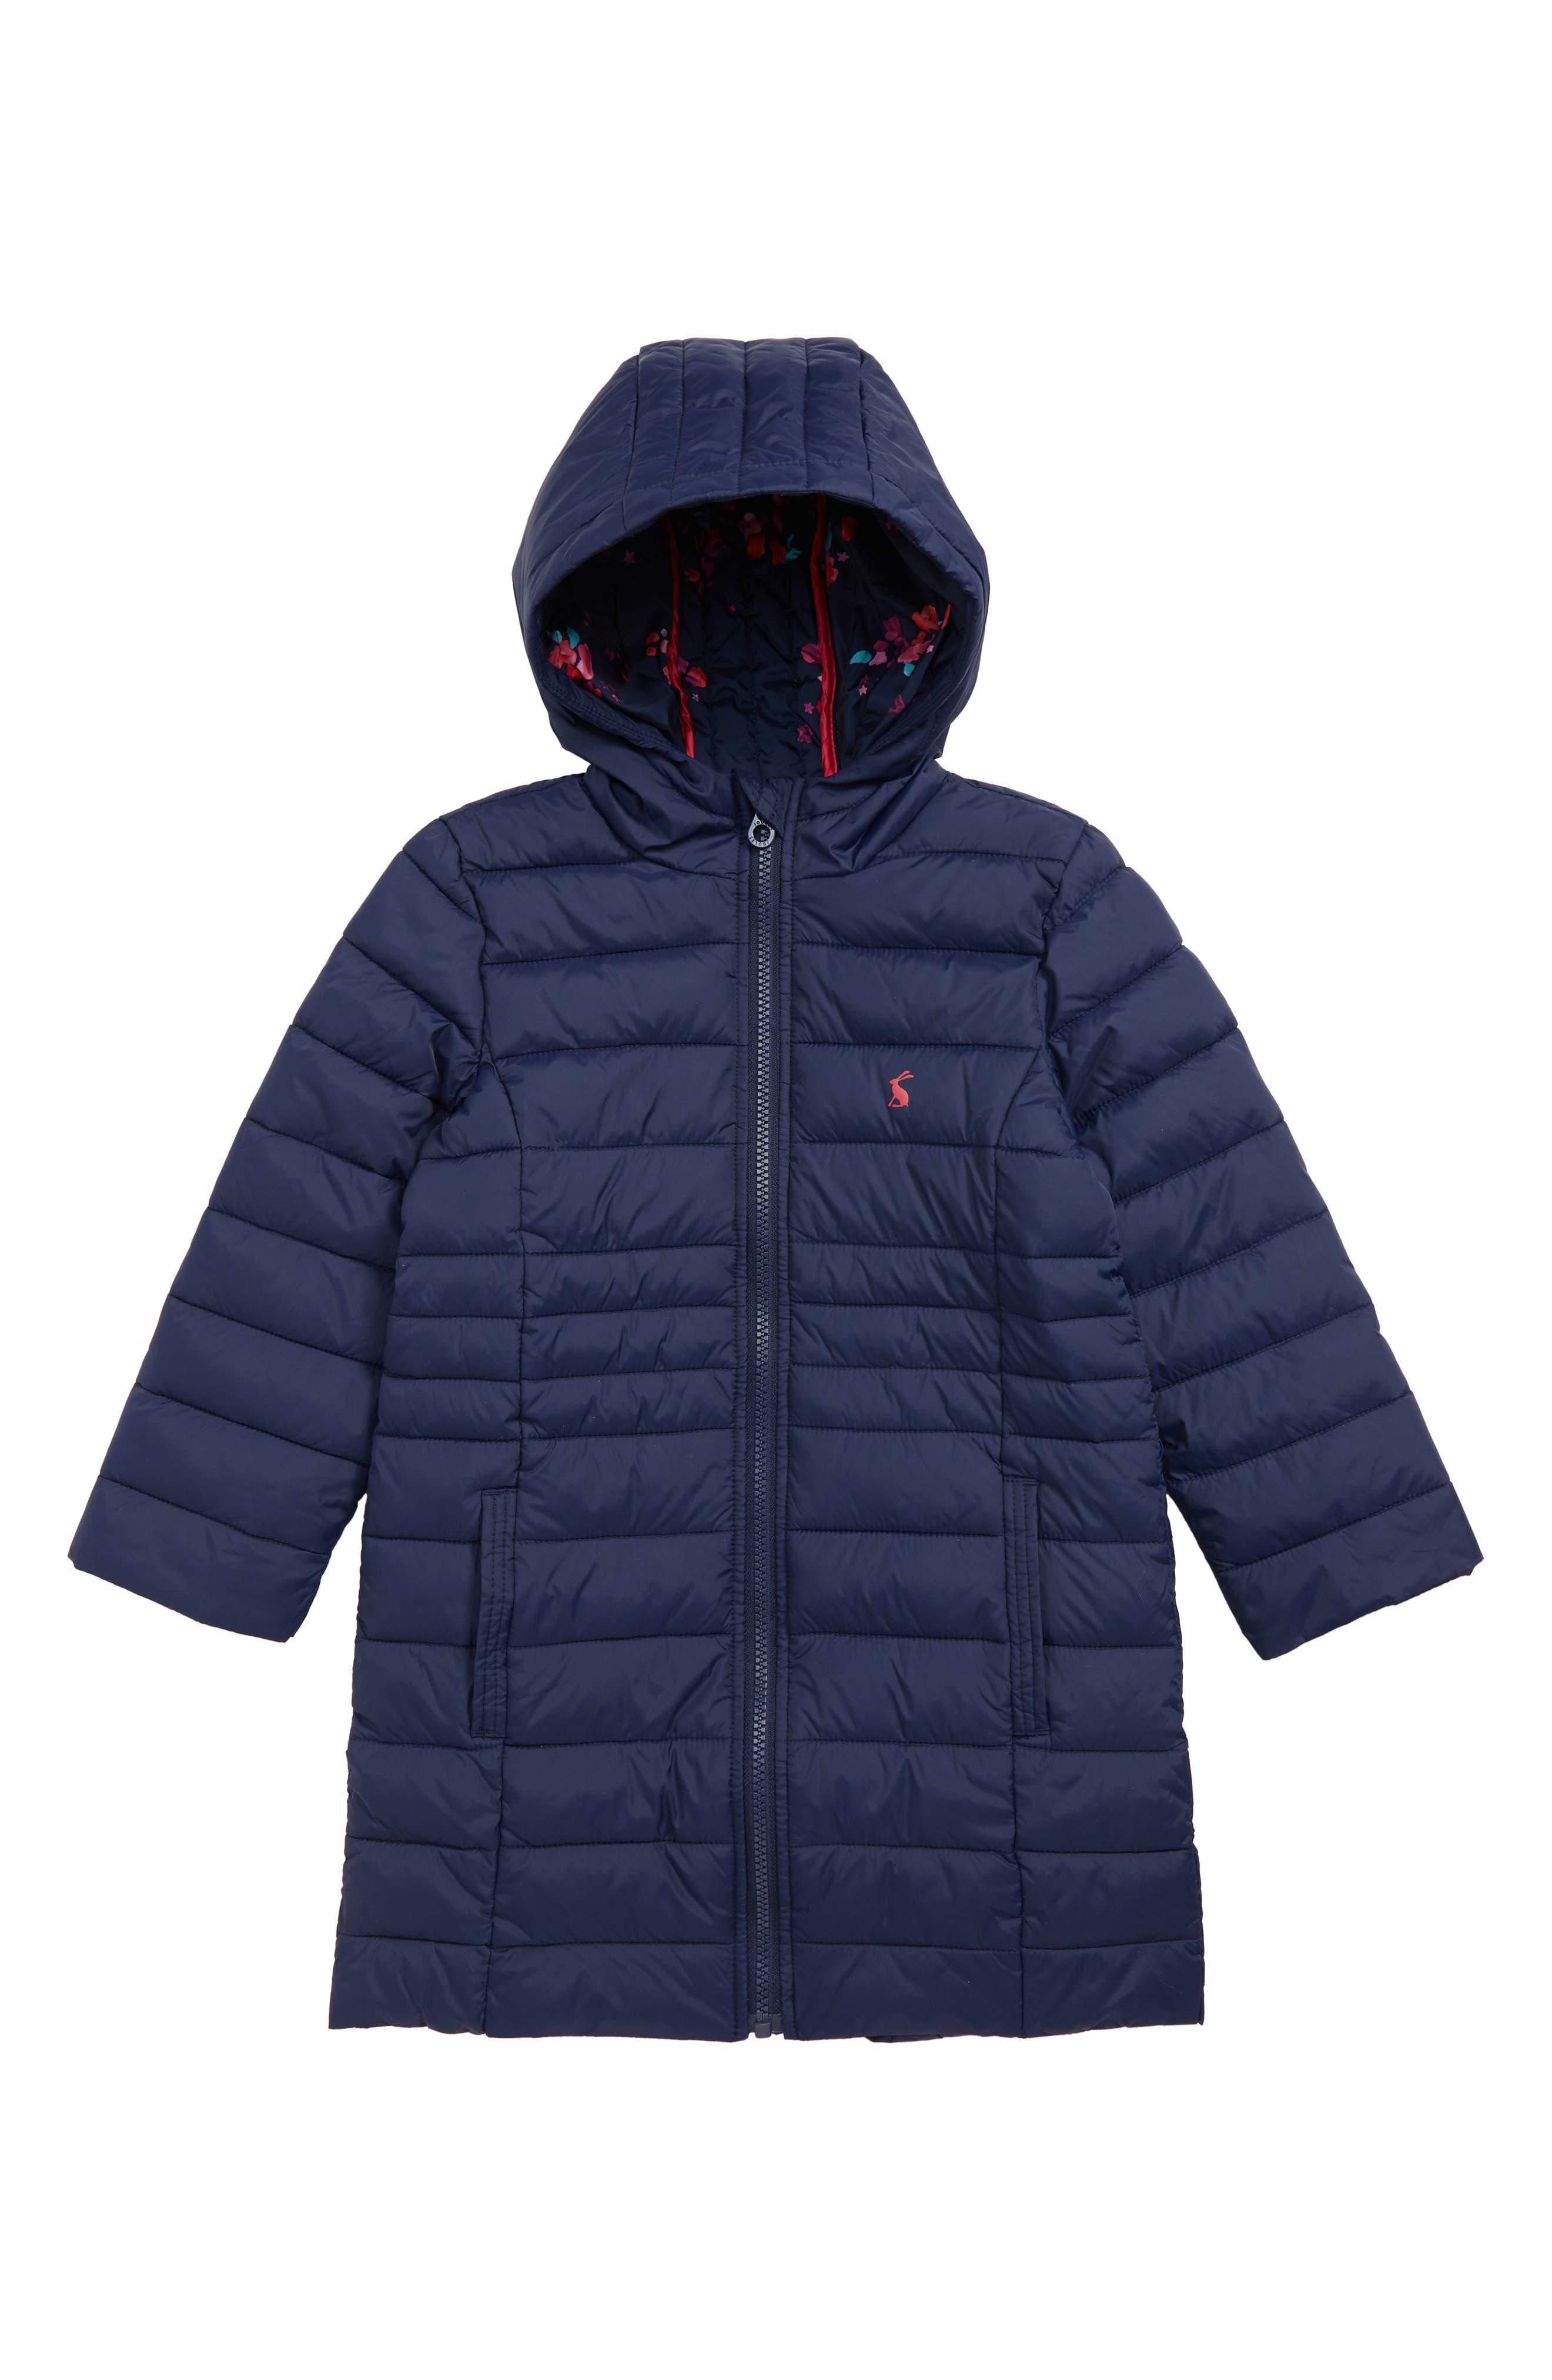 Packaway Hooded Jacket, Main, color, 411